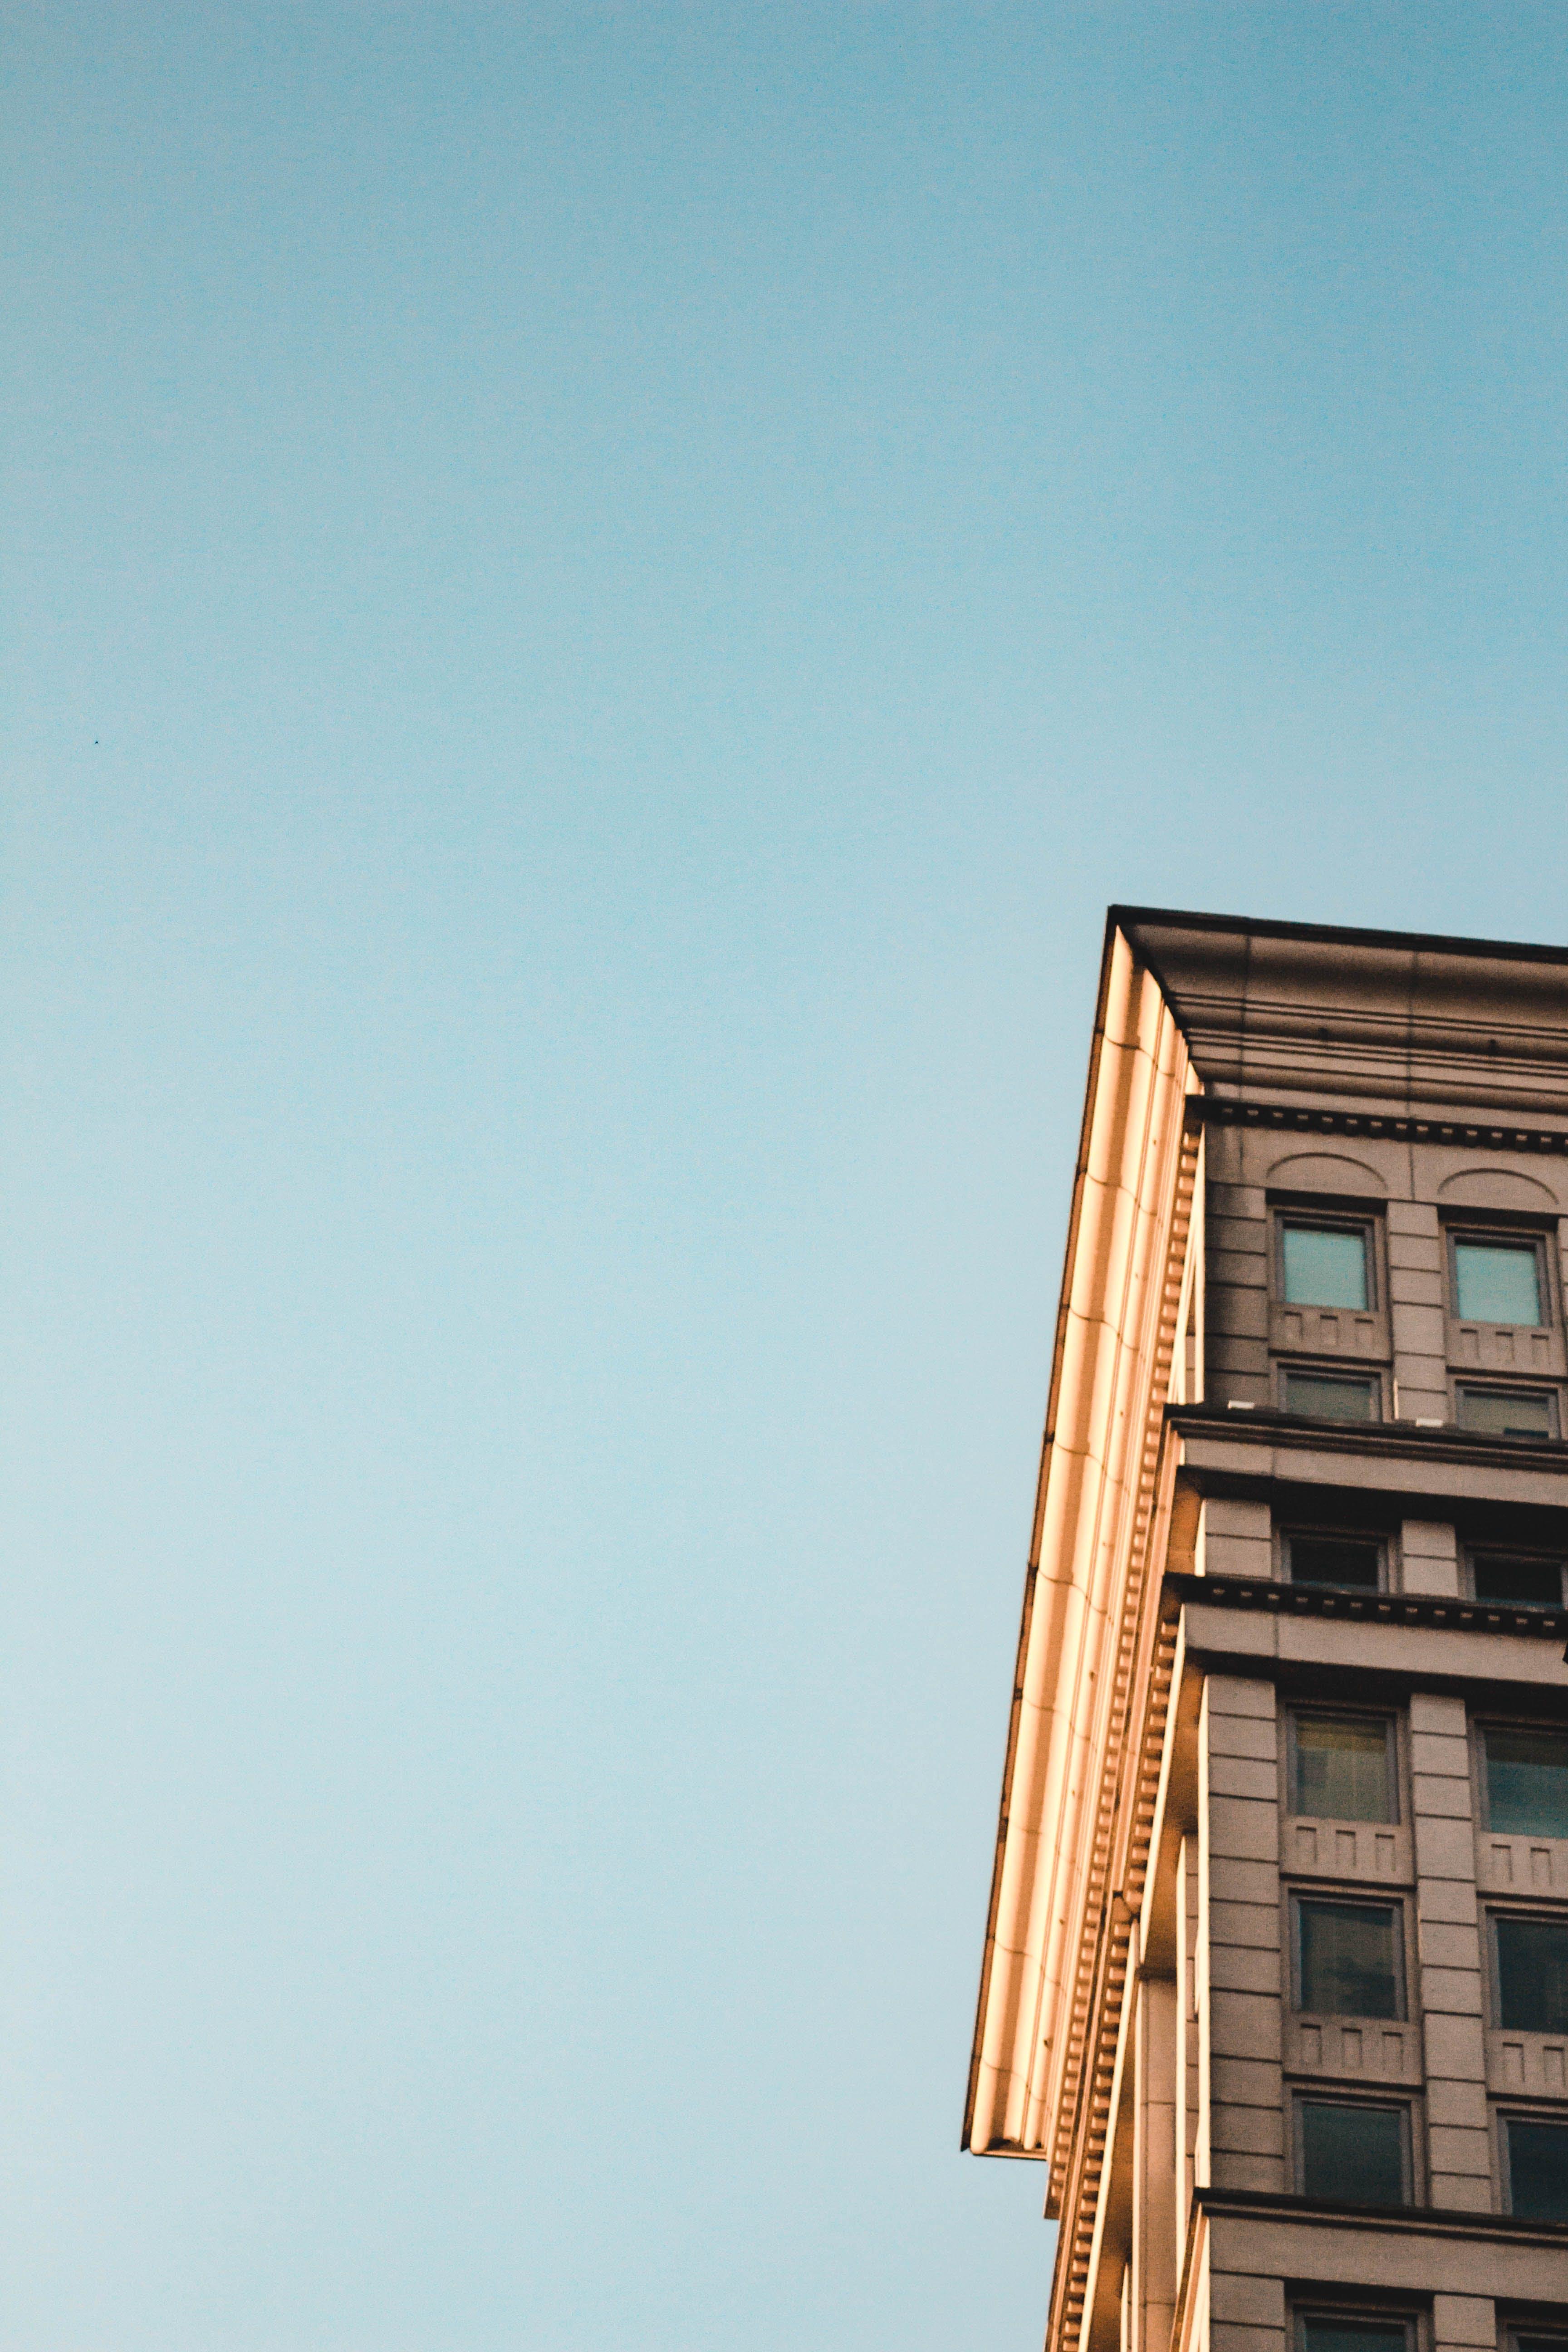 サンパウロ, シティ, 建築, 近代建築の無料の写真素材